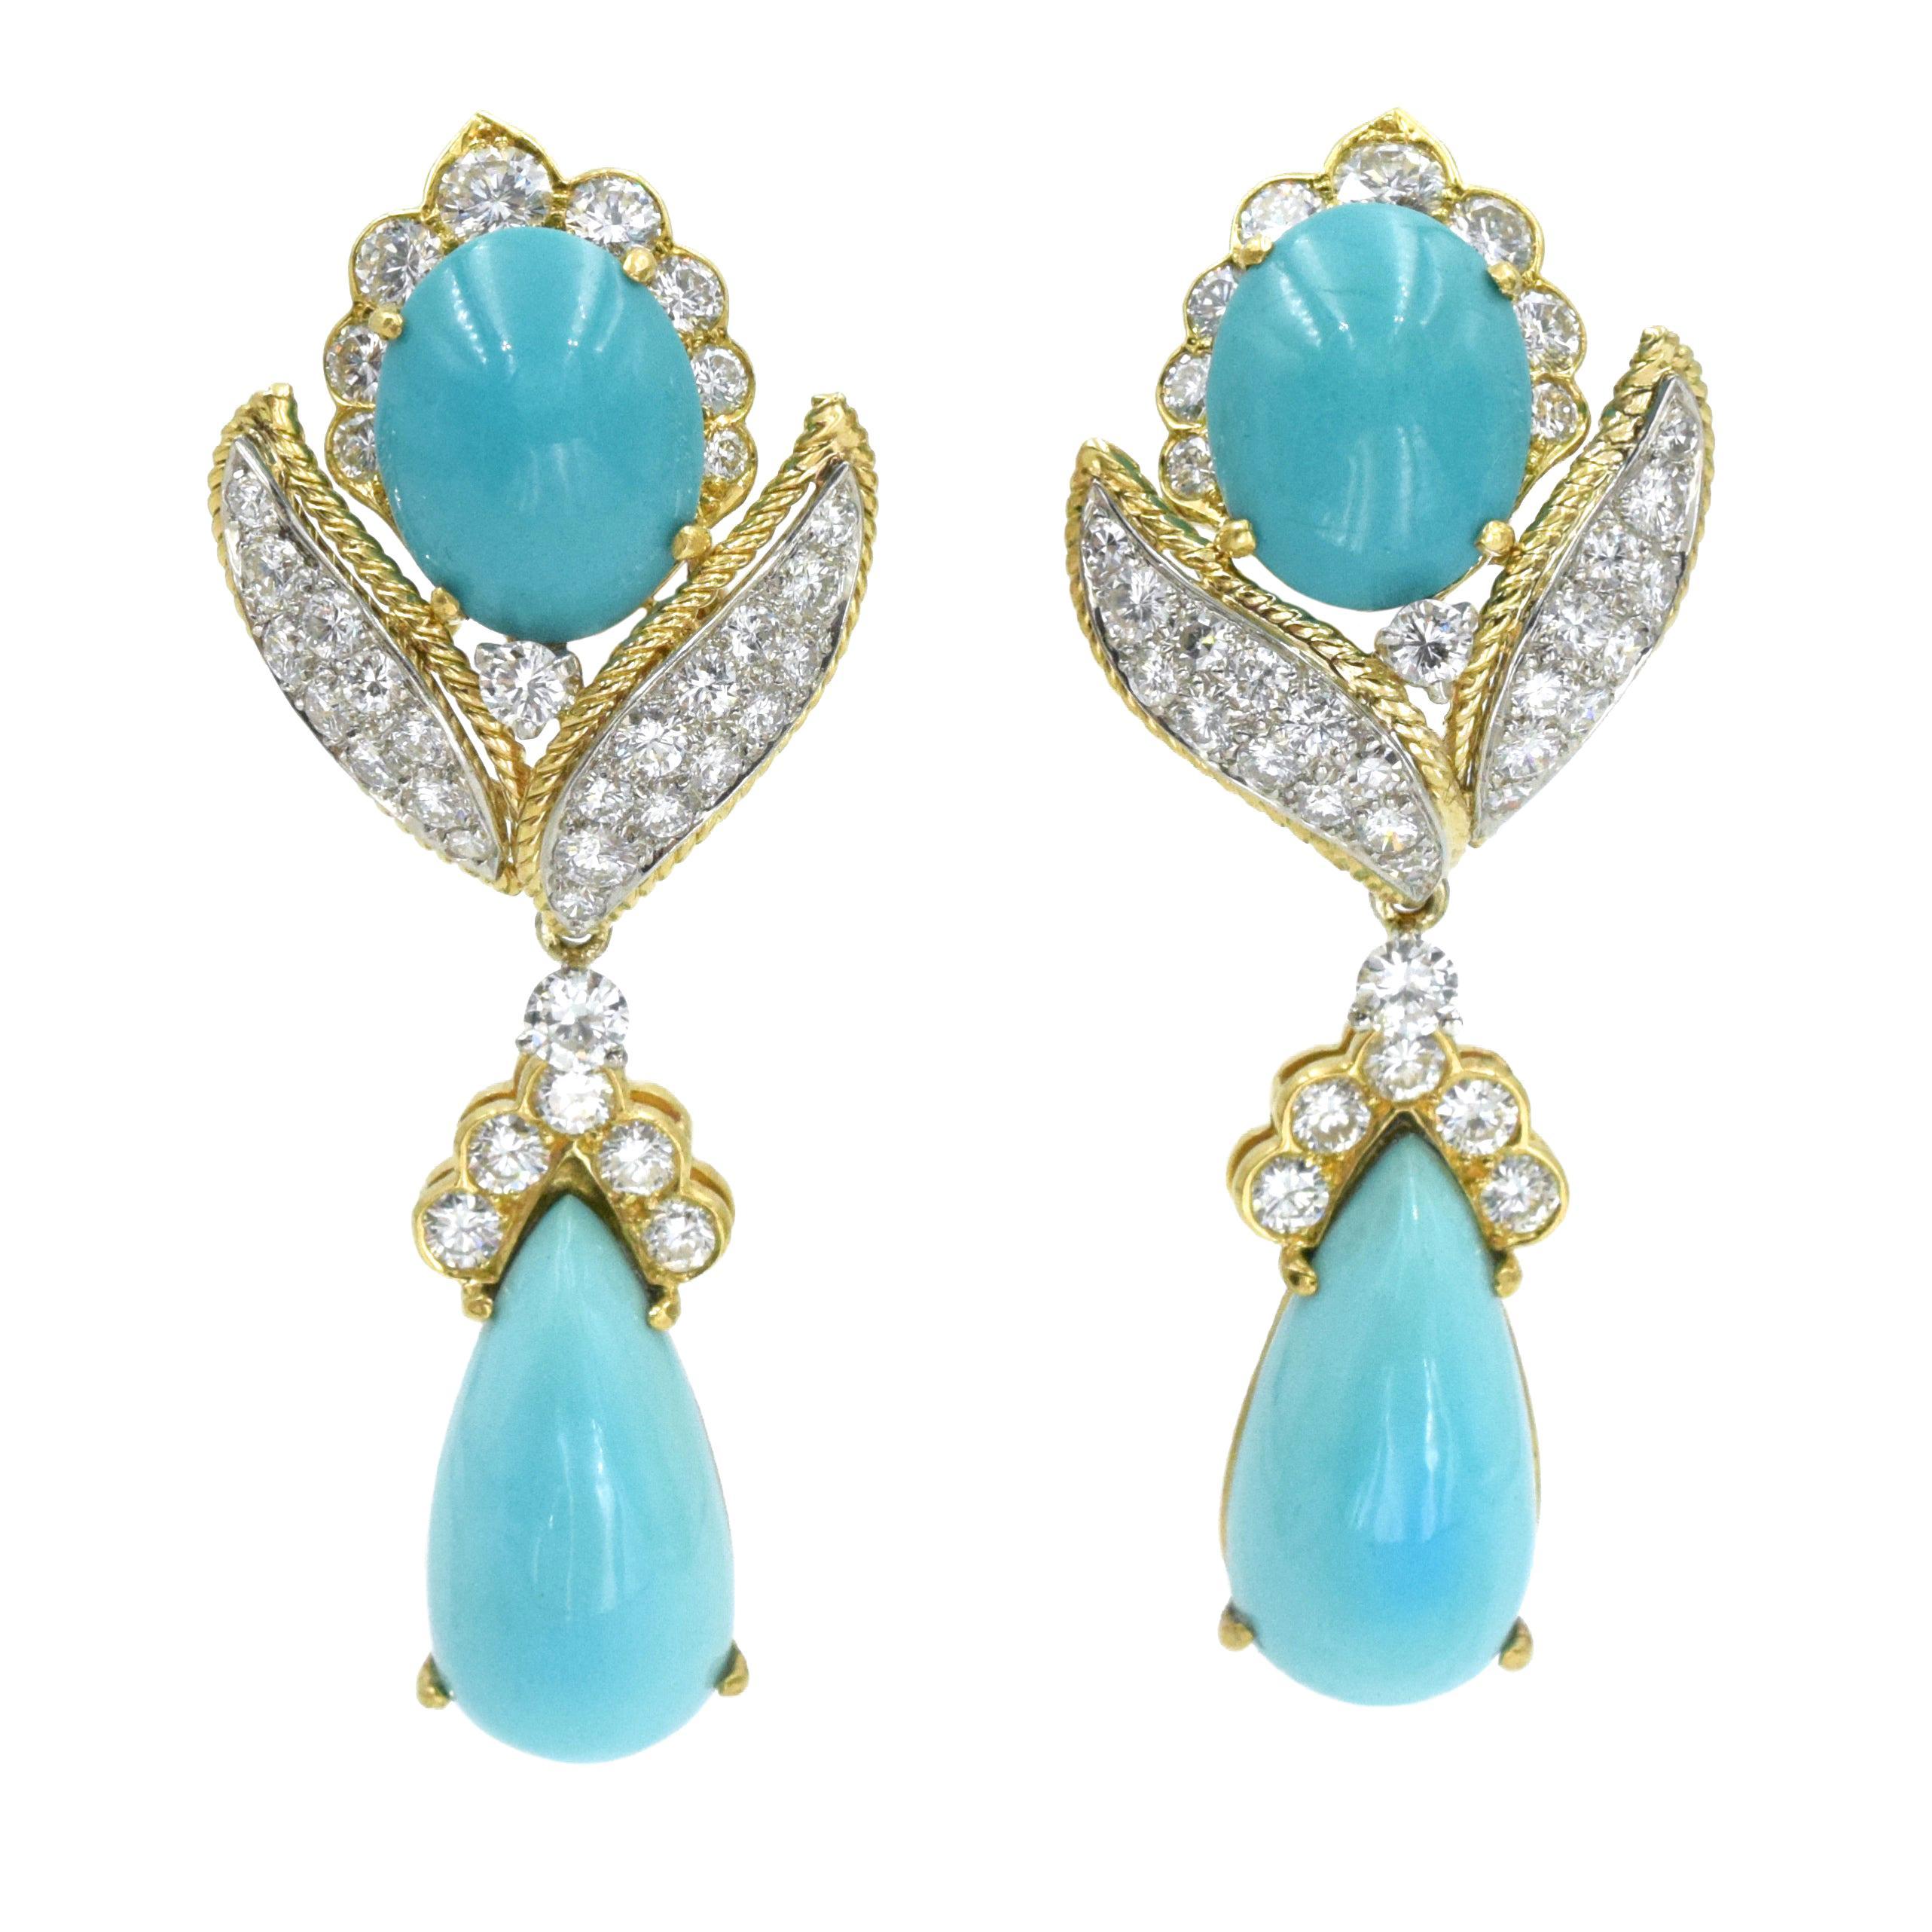 Vintage Van Cleef & Arpels Turquoise and Diamond Earrings